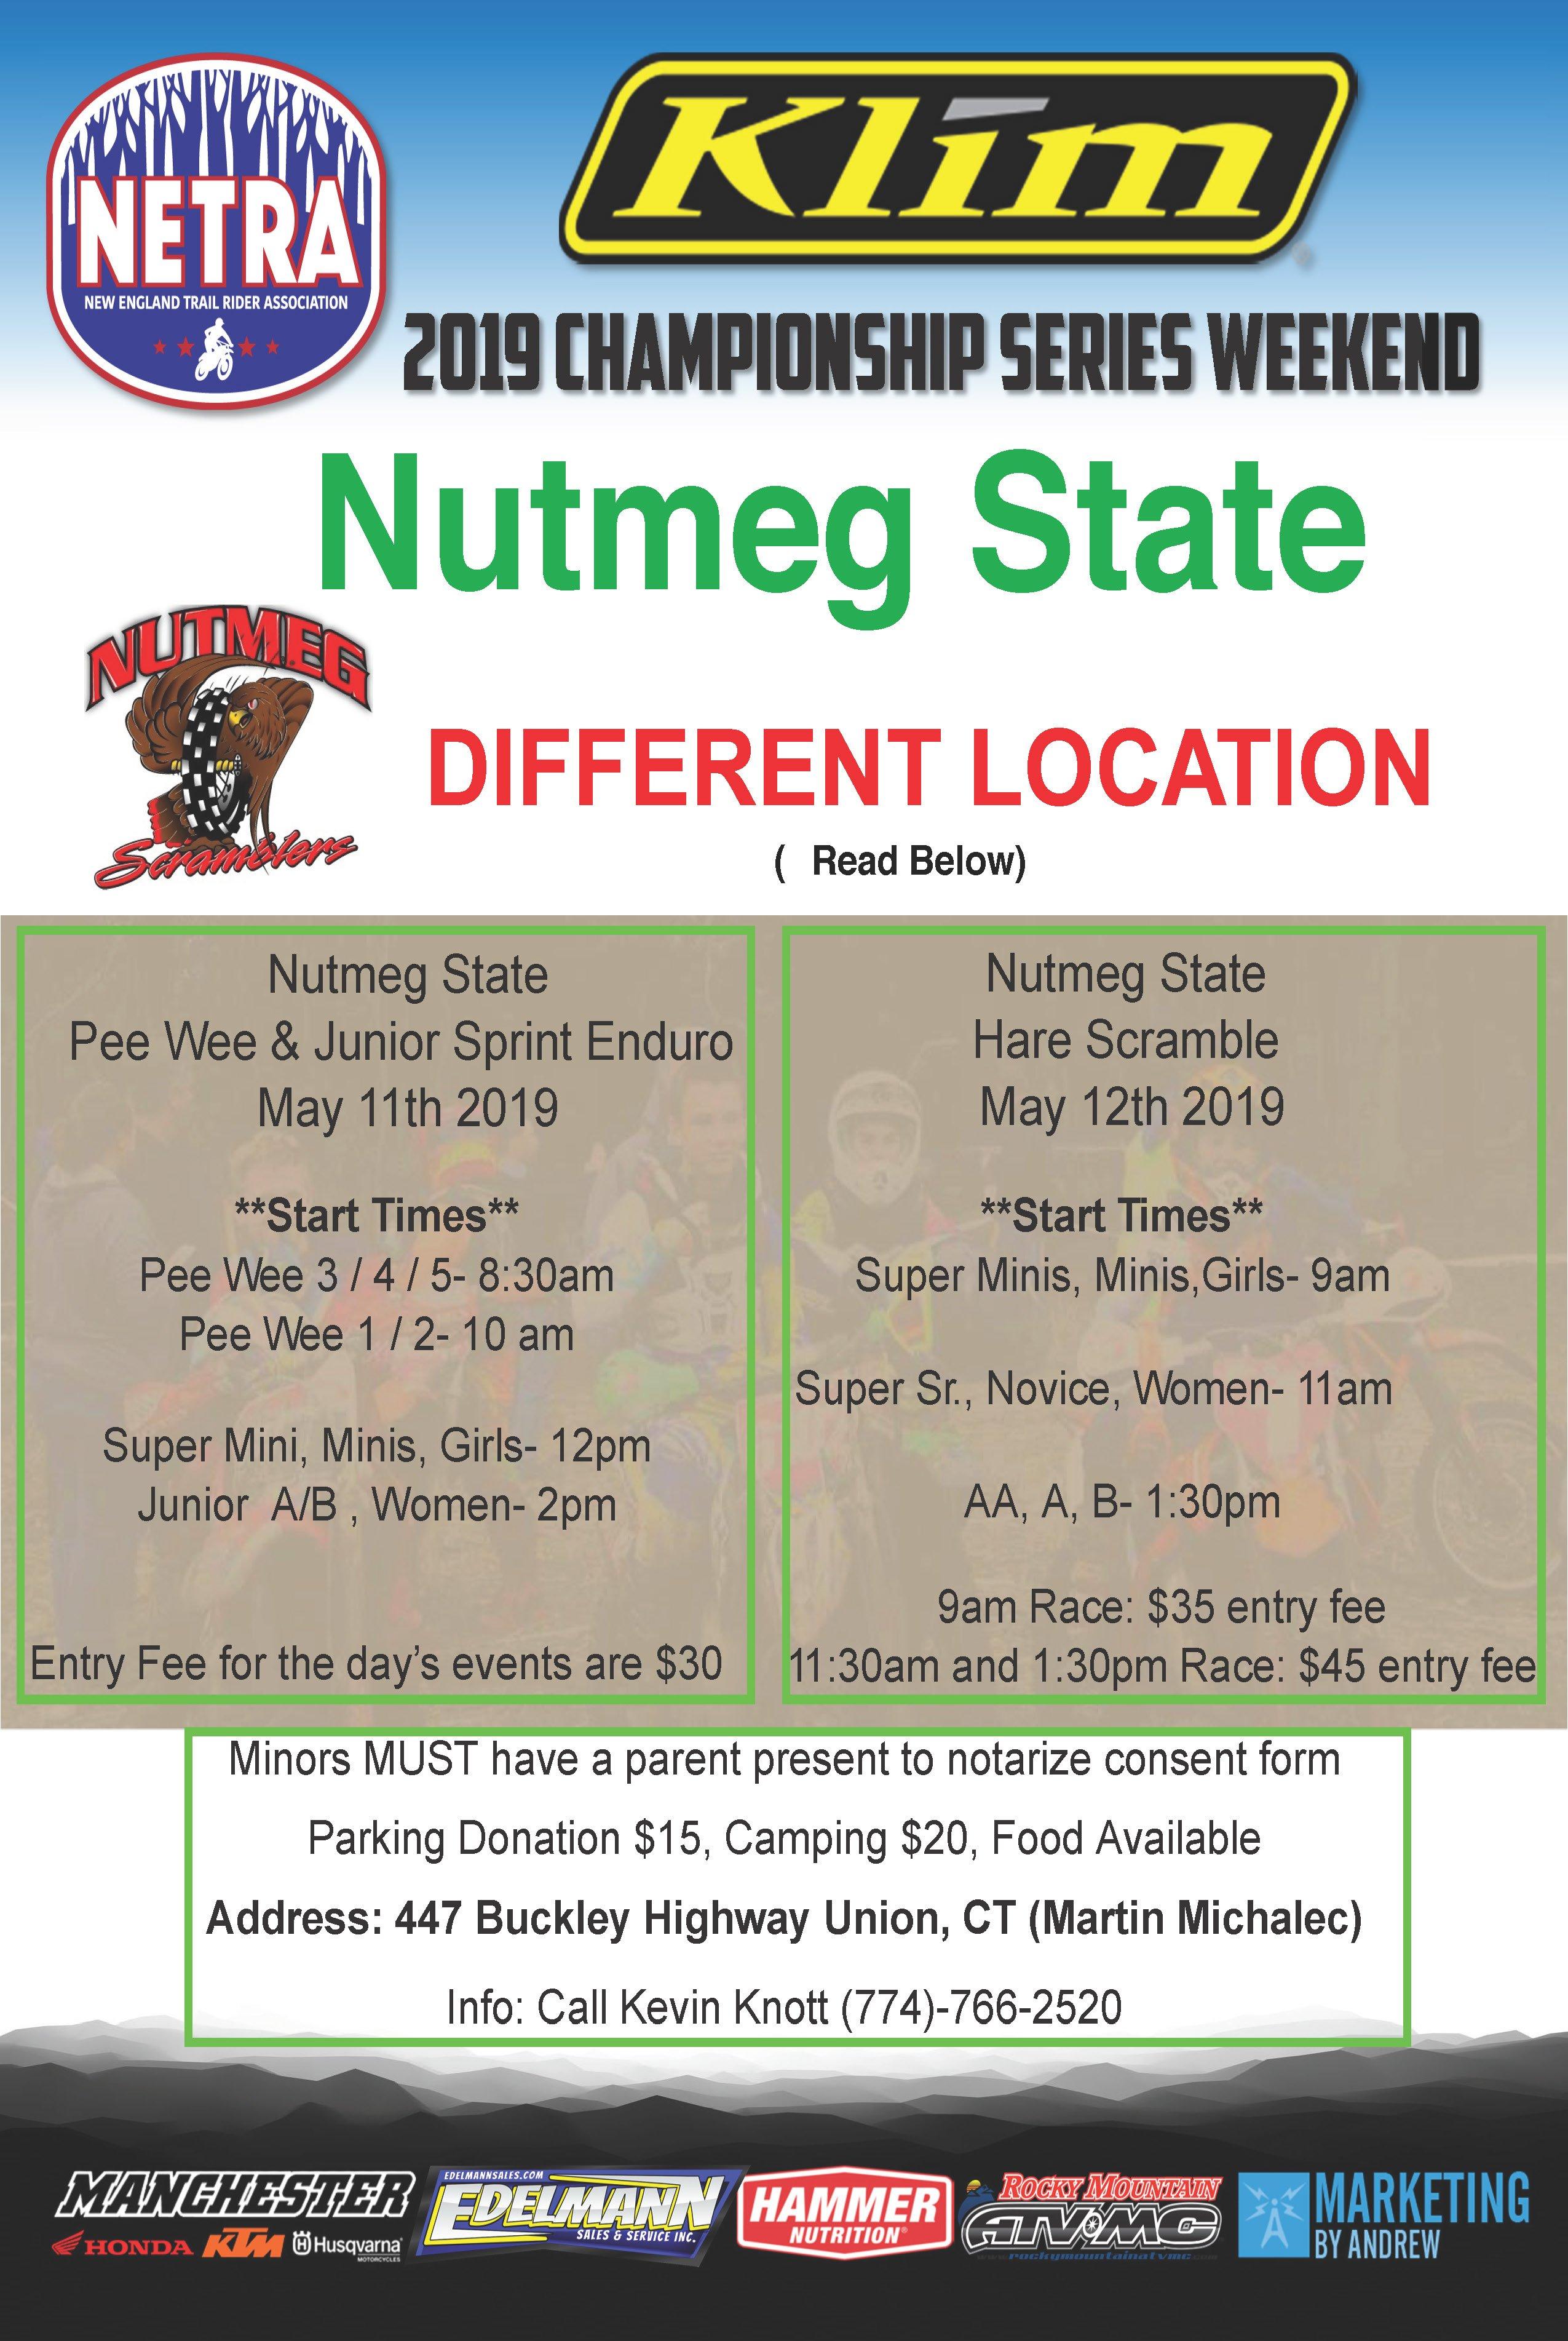 Nutmeg State @ Martin's